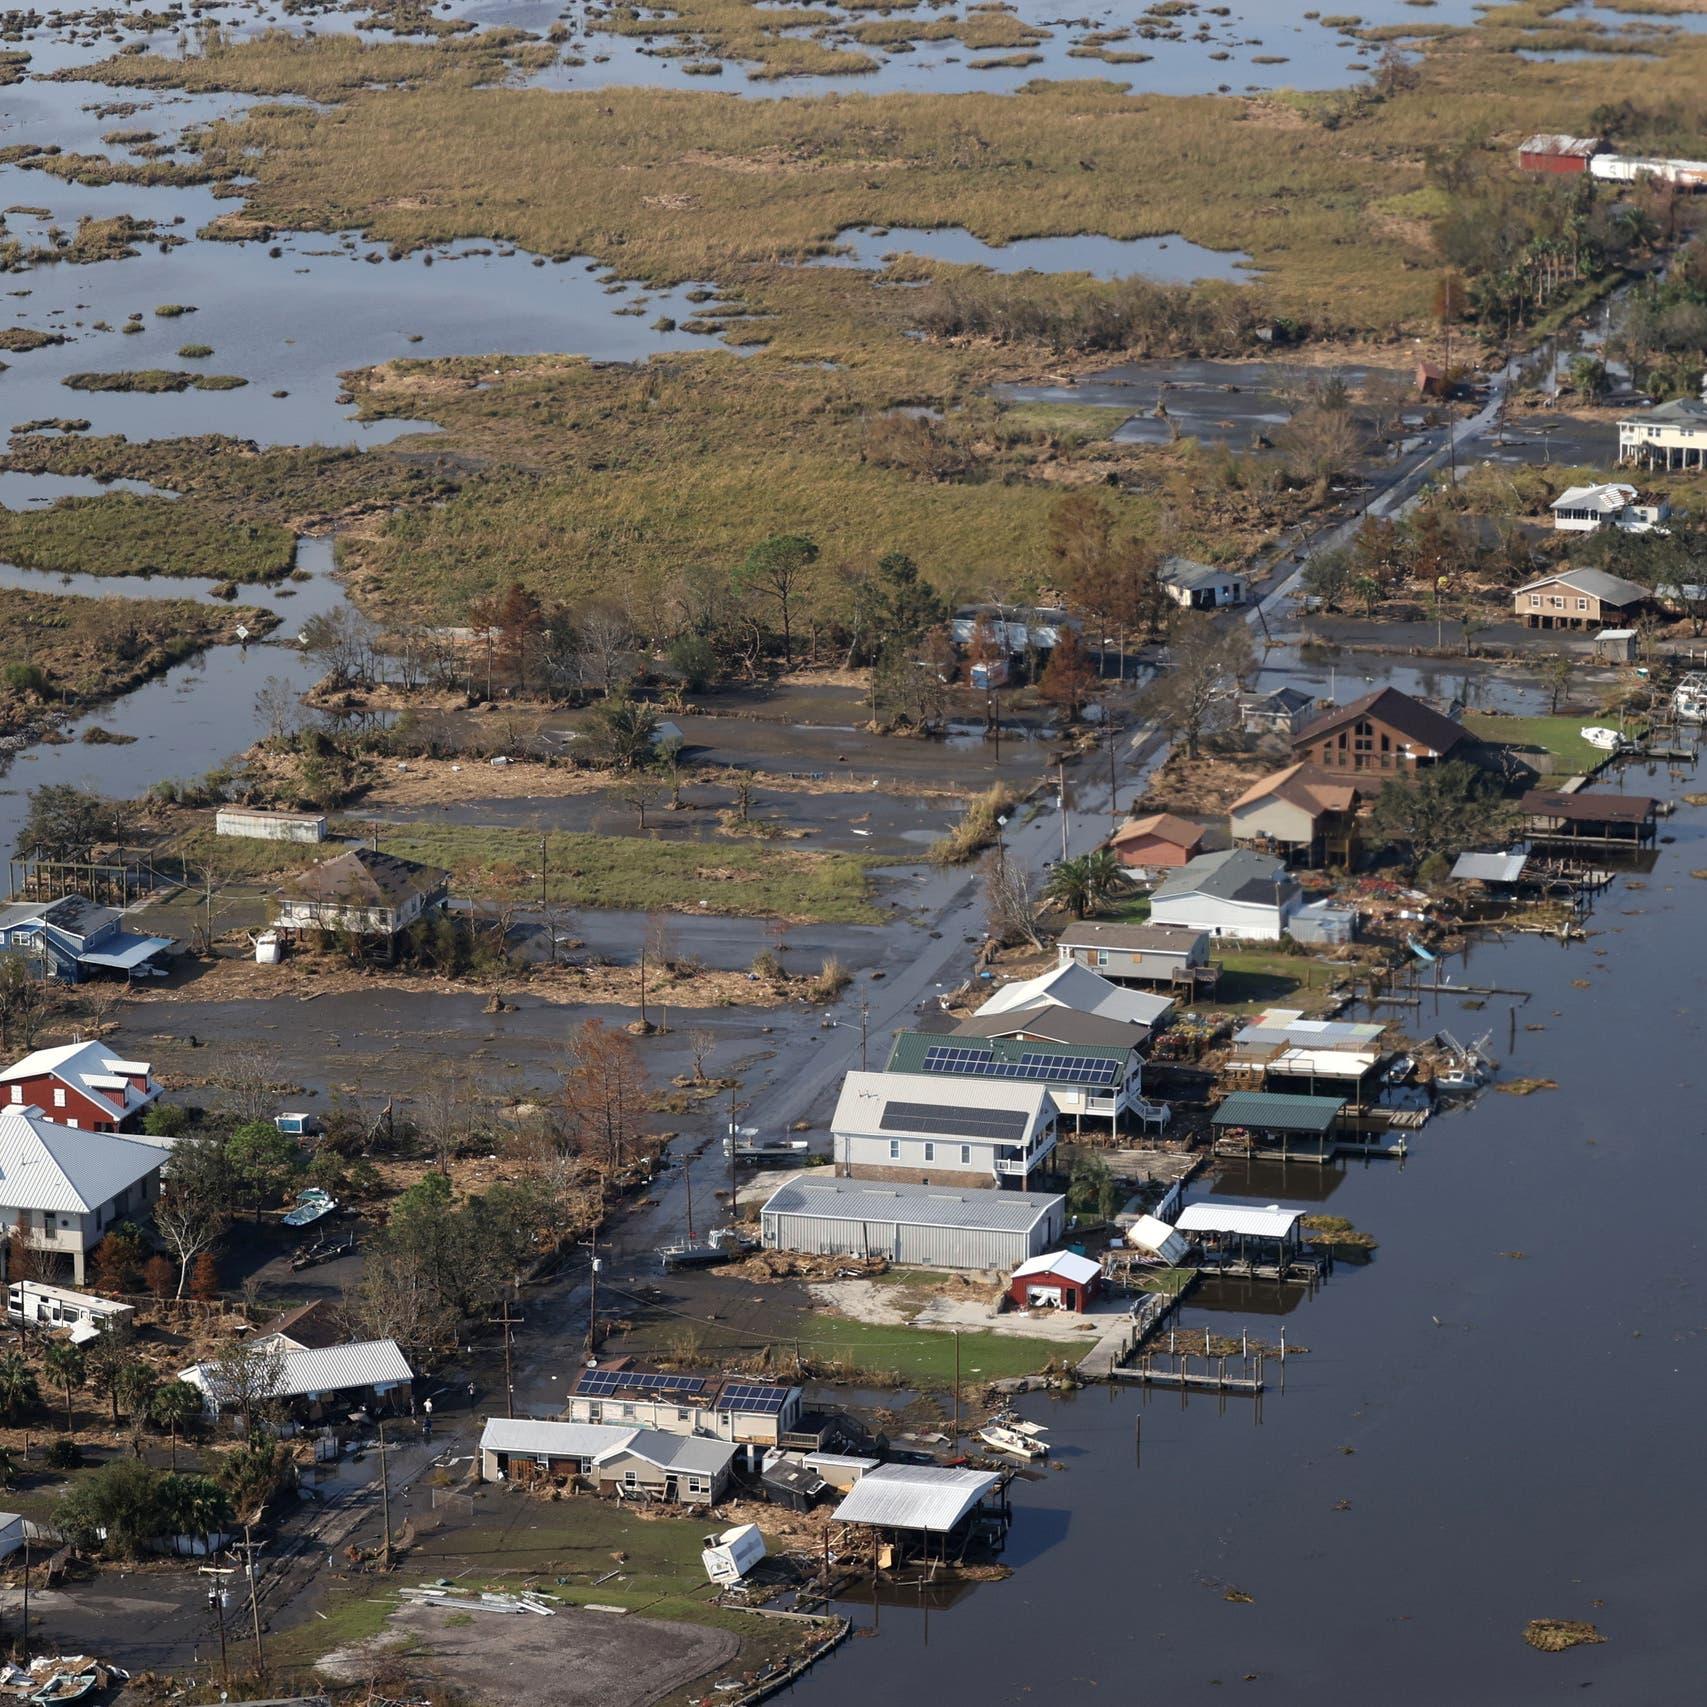 خسائر أميركا من الأعاصير في 20 عاماً تتجاوز تريليون دولار